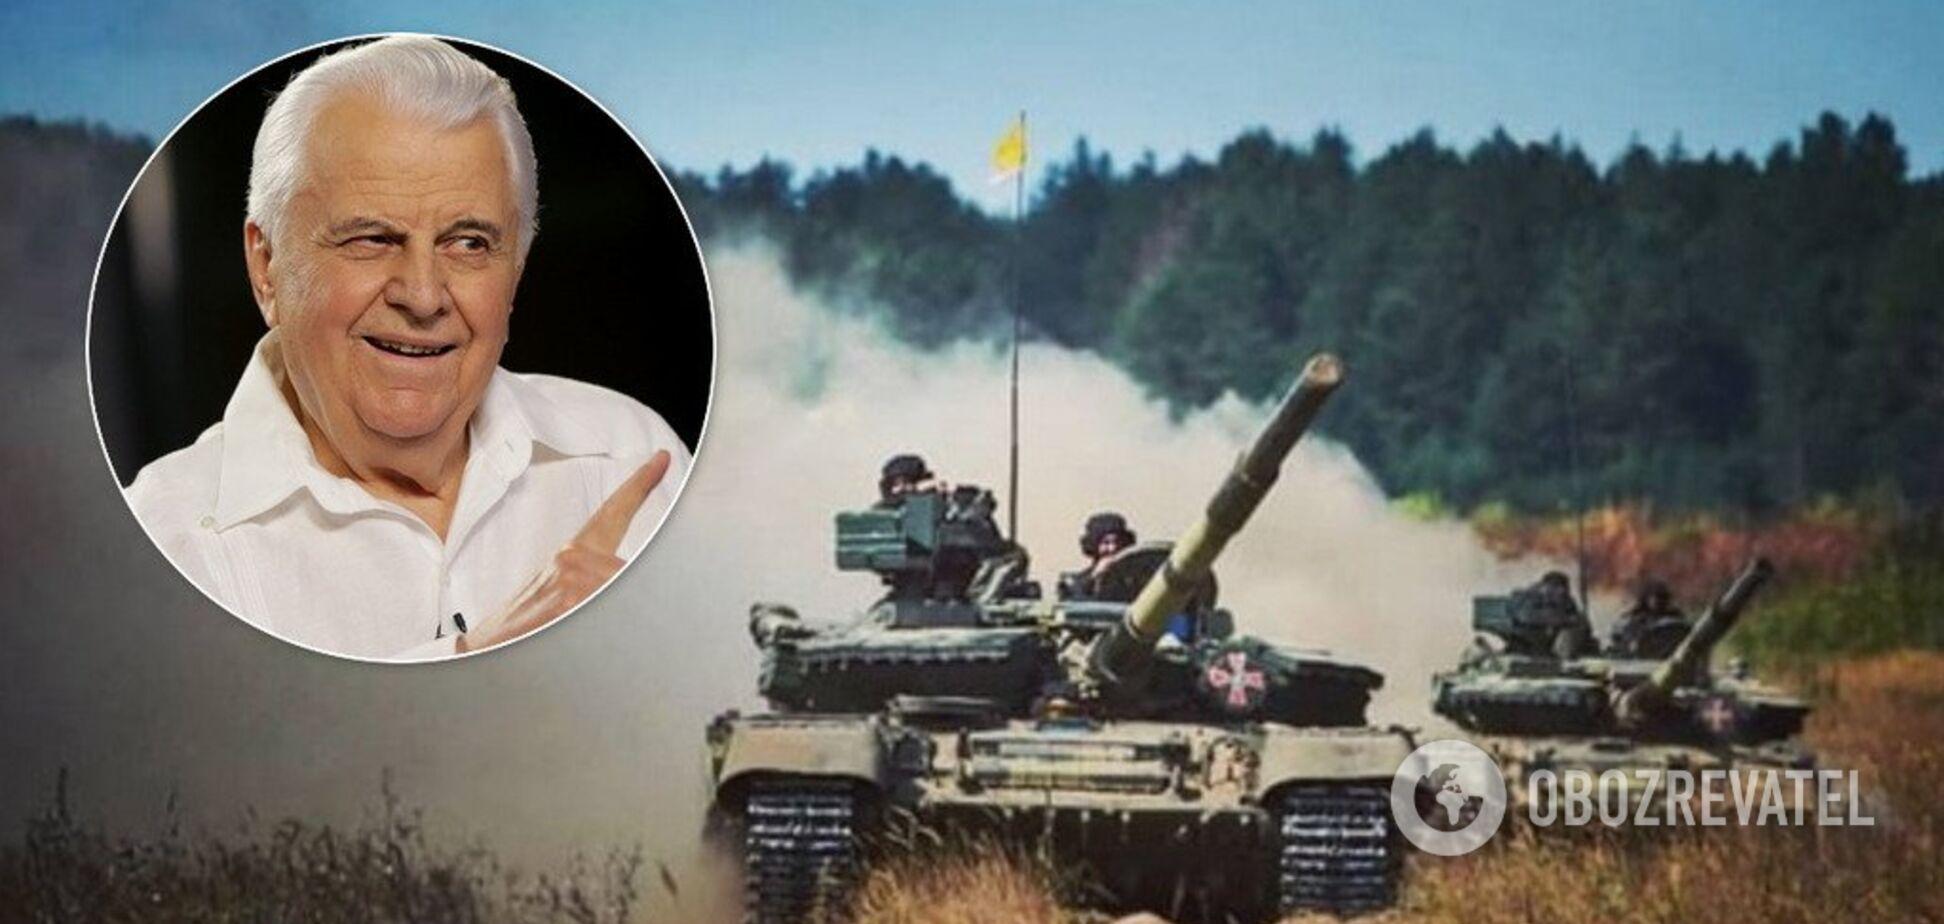 Мир на Донбасі: Кравчук запропонував свою формулу